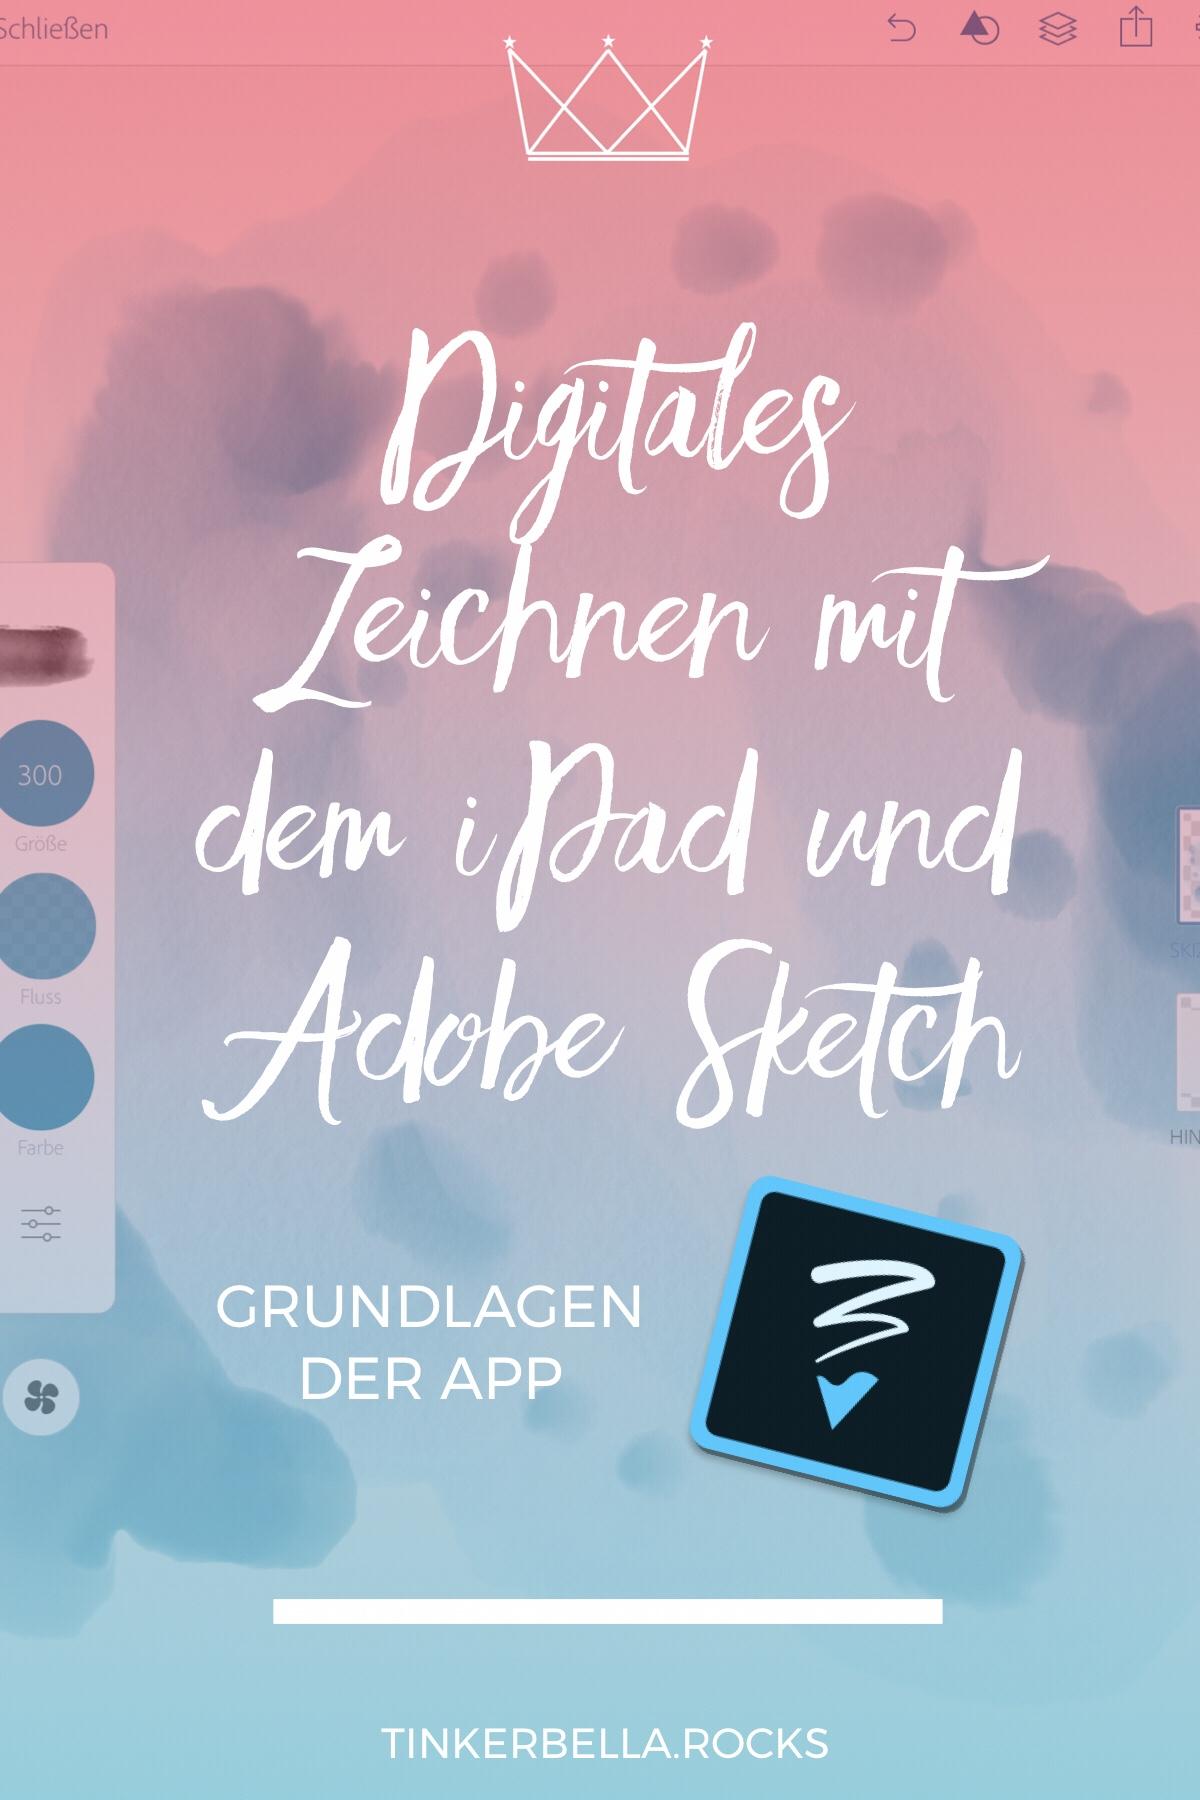 Digitales Zeichnen mit dem iPad und Adobe Sketch Pin